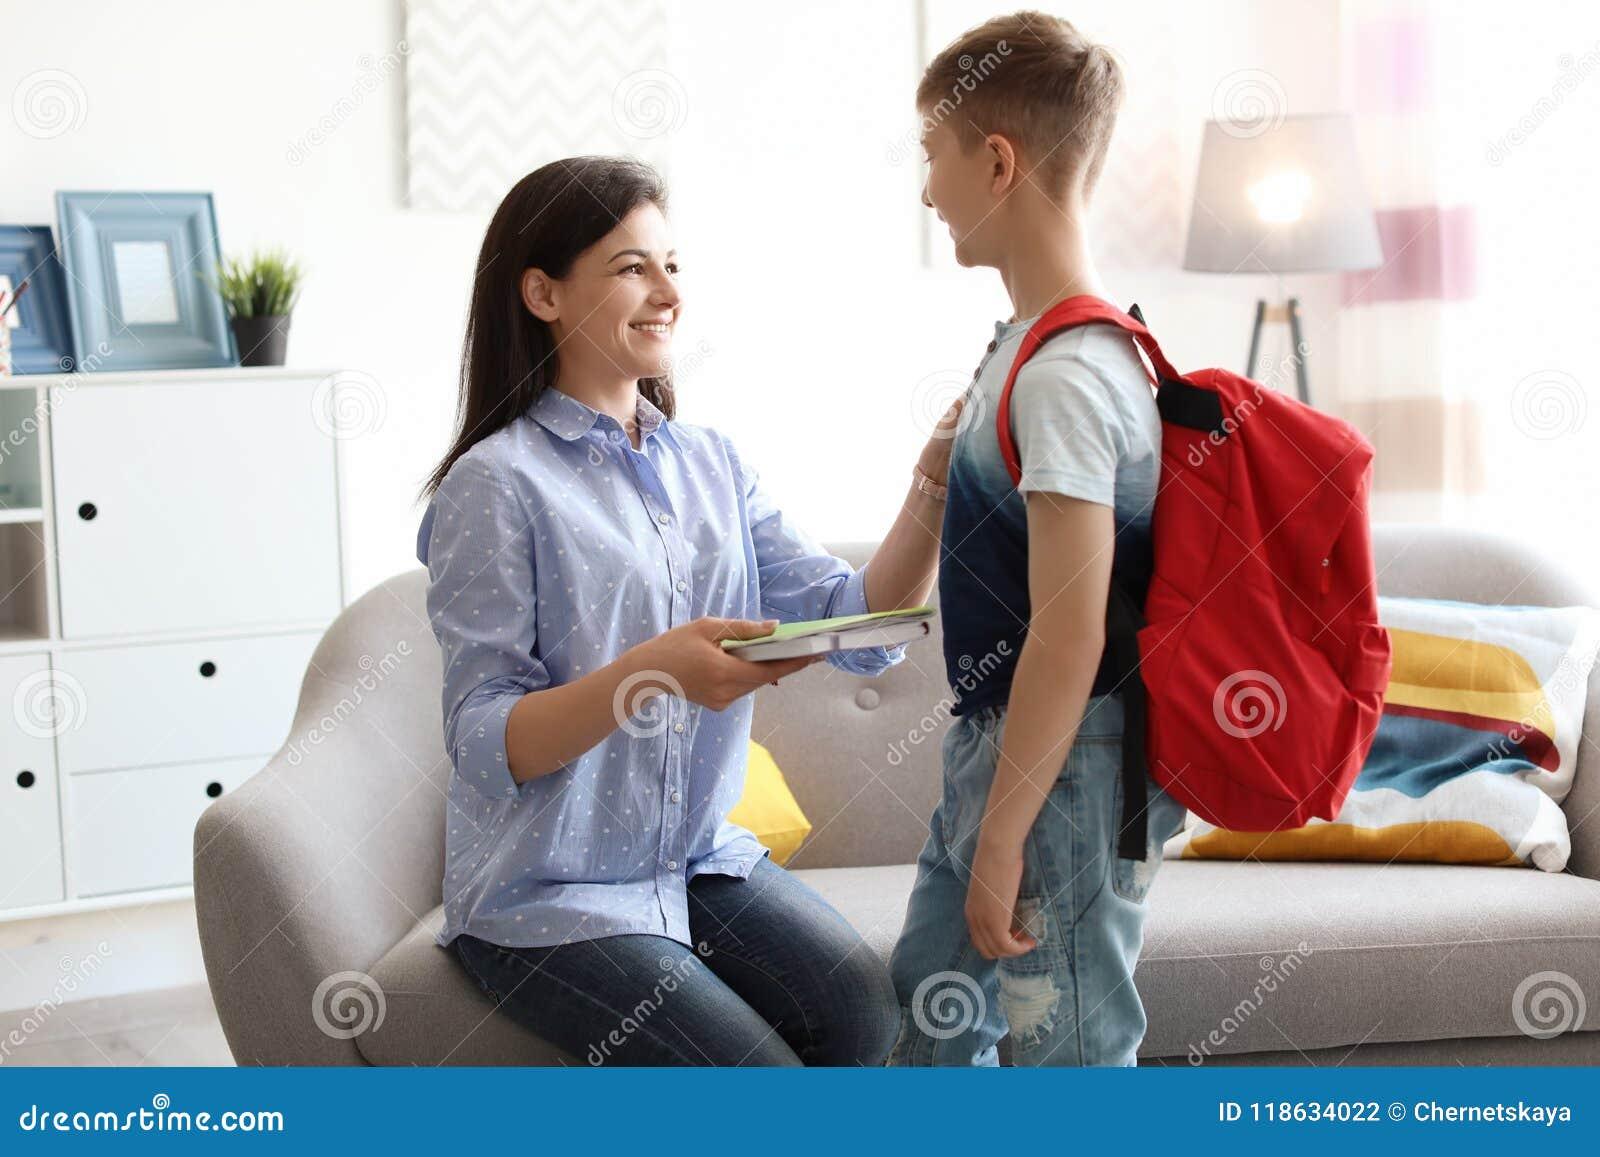 Νέα γυναίκα που βοηθά την λίγο παιδί να πάρει έτοιμη για το σχολείο